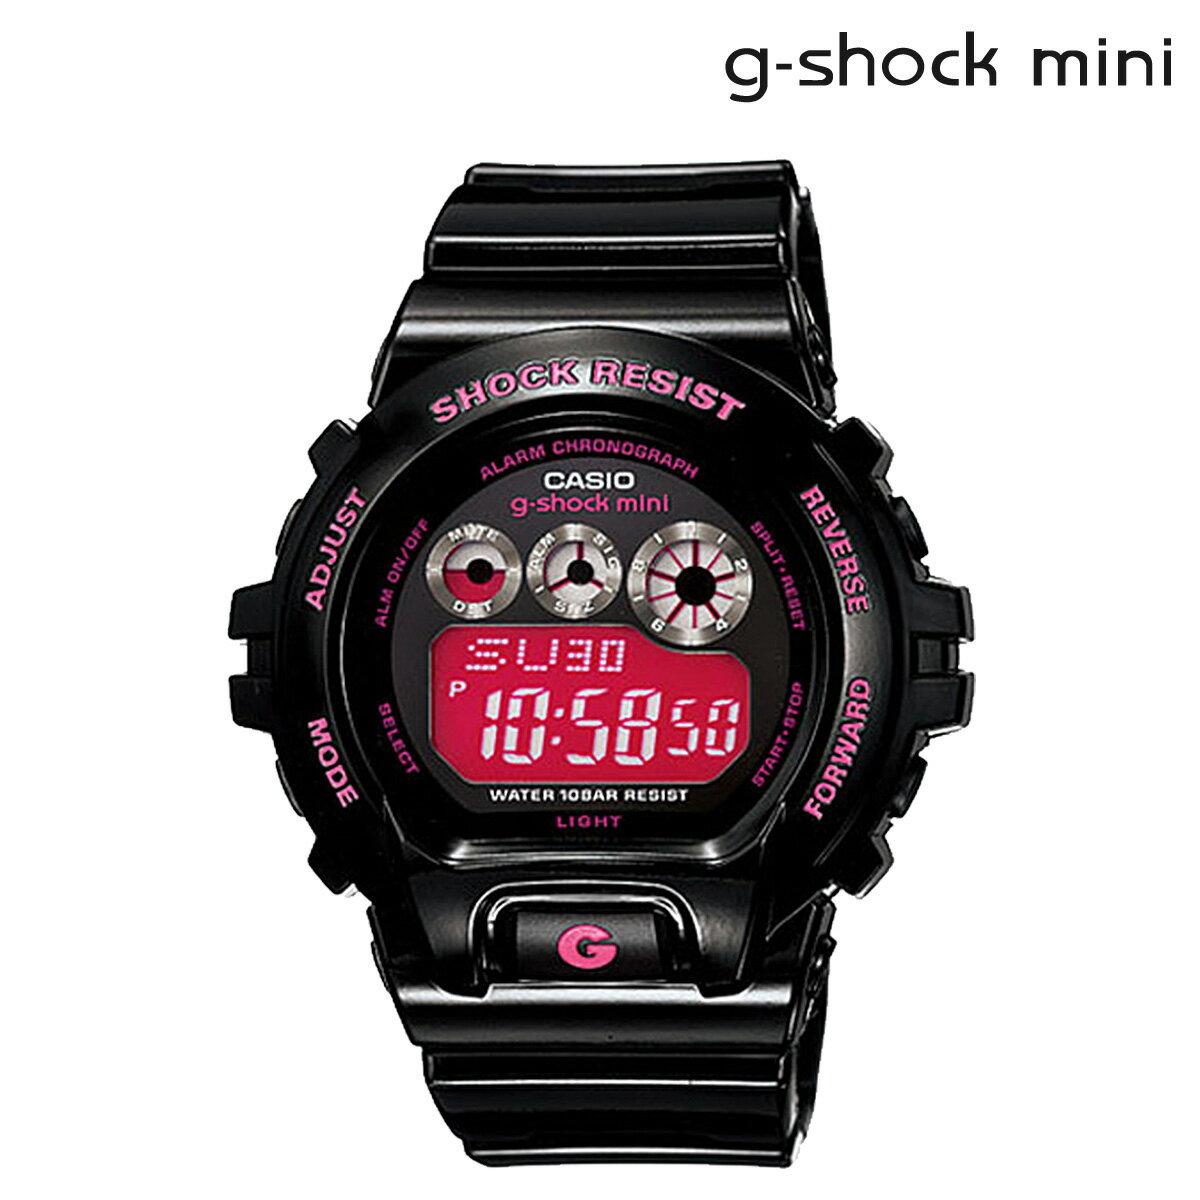 CASIO g-shock mini カシオ 腕時計 GMN-692-1JR ジーショック ミニ Gショック G-ショック レディース [4/19 再入荷]